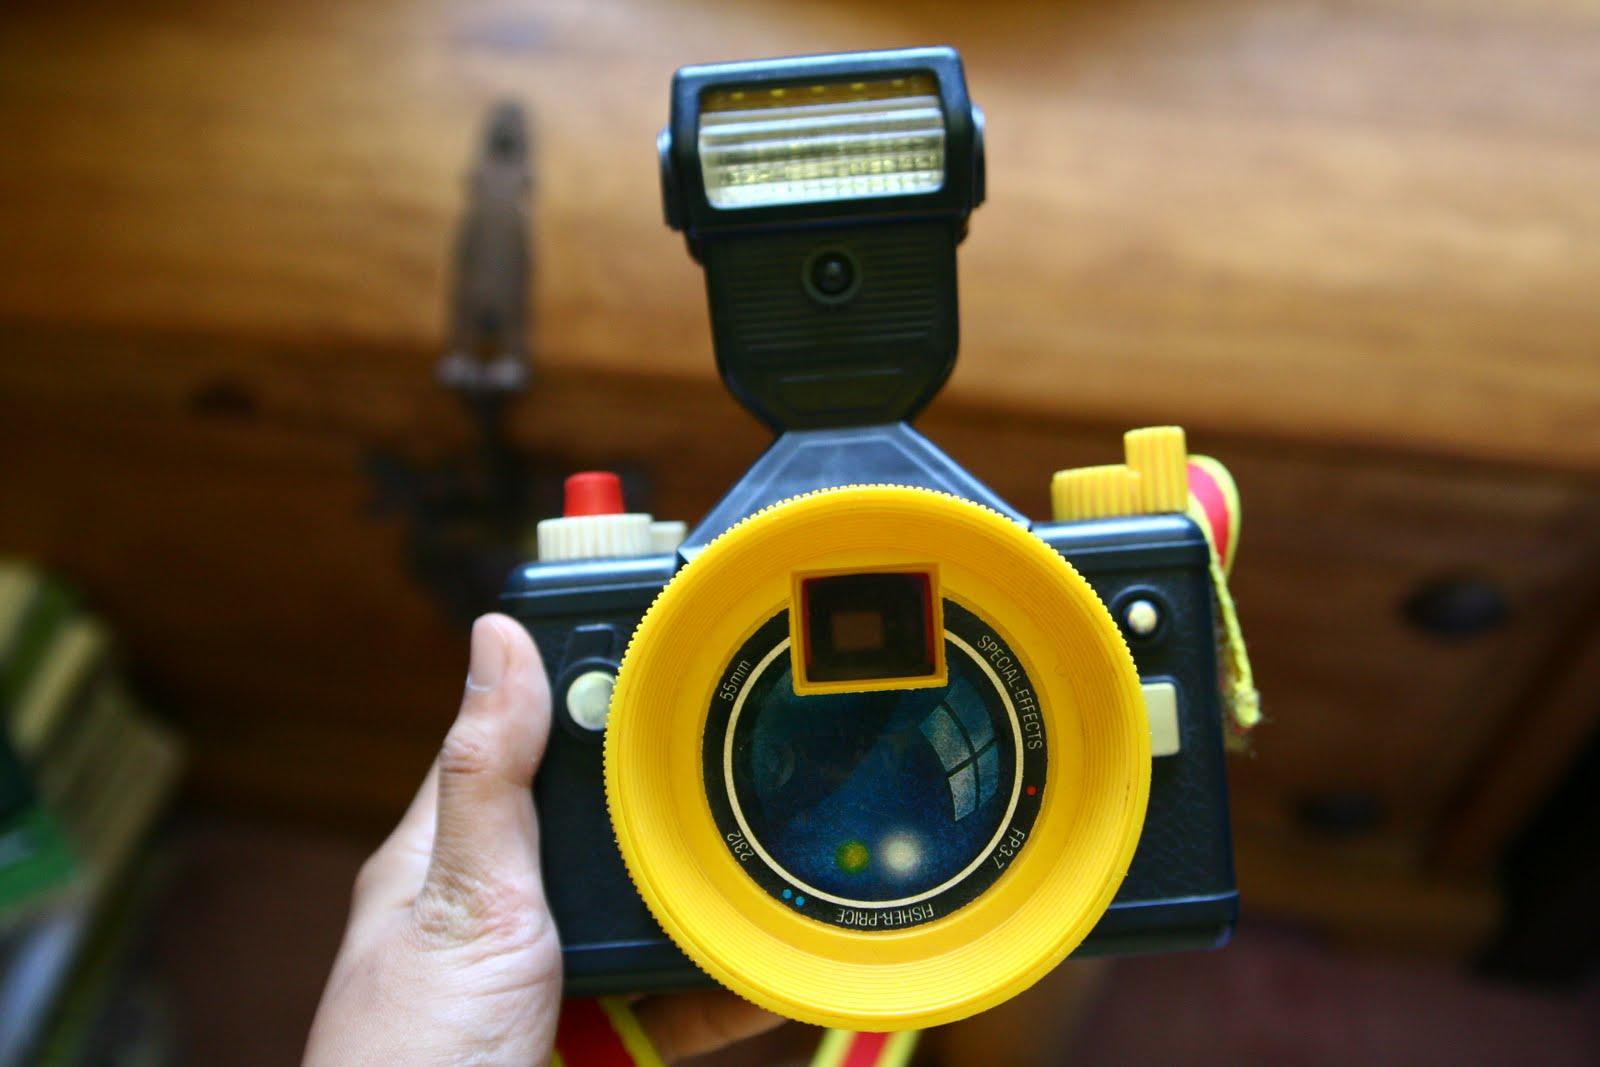 IMAGE: http://4.bp.blogspot.com/-bu08E_vN9-k/Tiu2ySblWEI/AAAAAAAAFEs/DGzSJm0Q6kM/s1600/072211%2B14.JPG